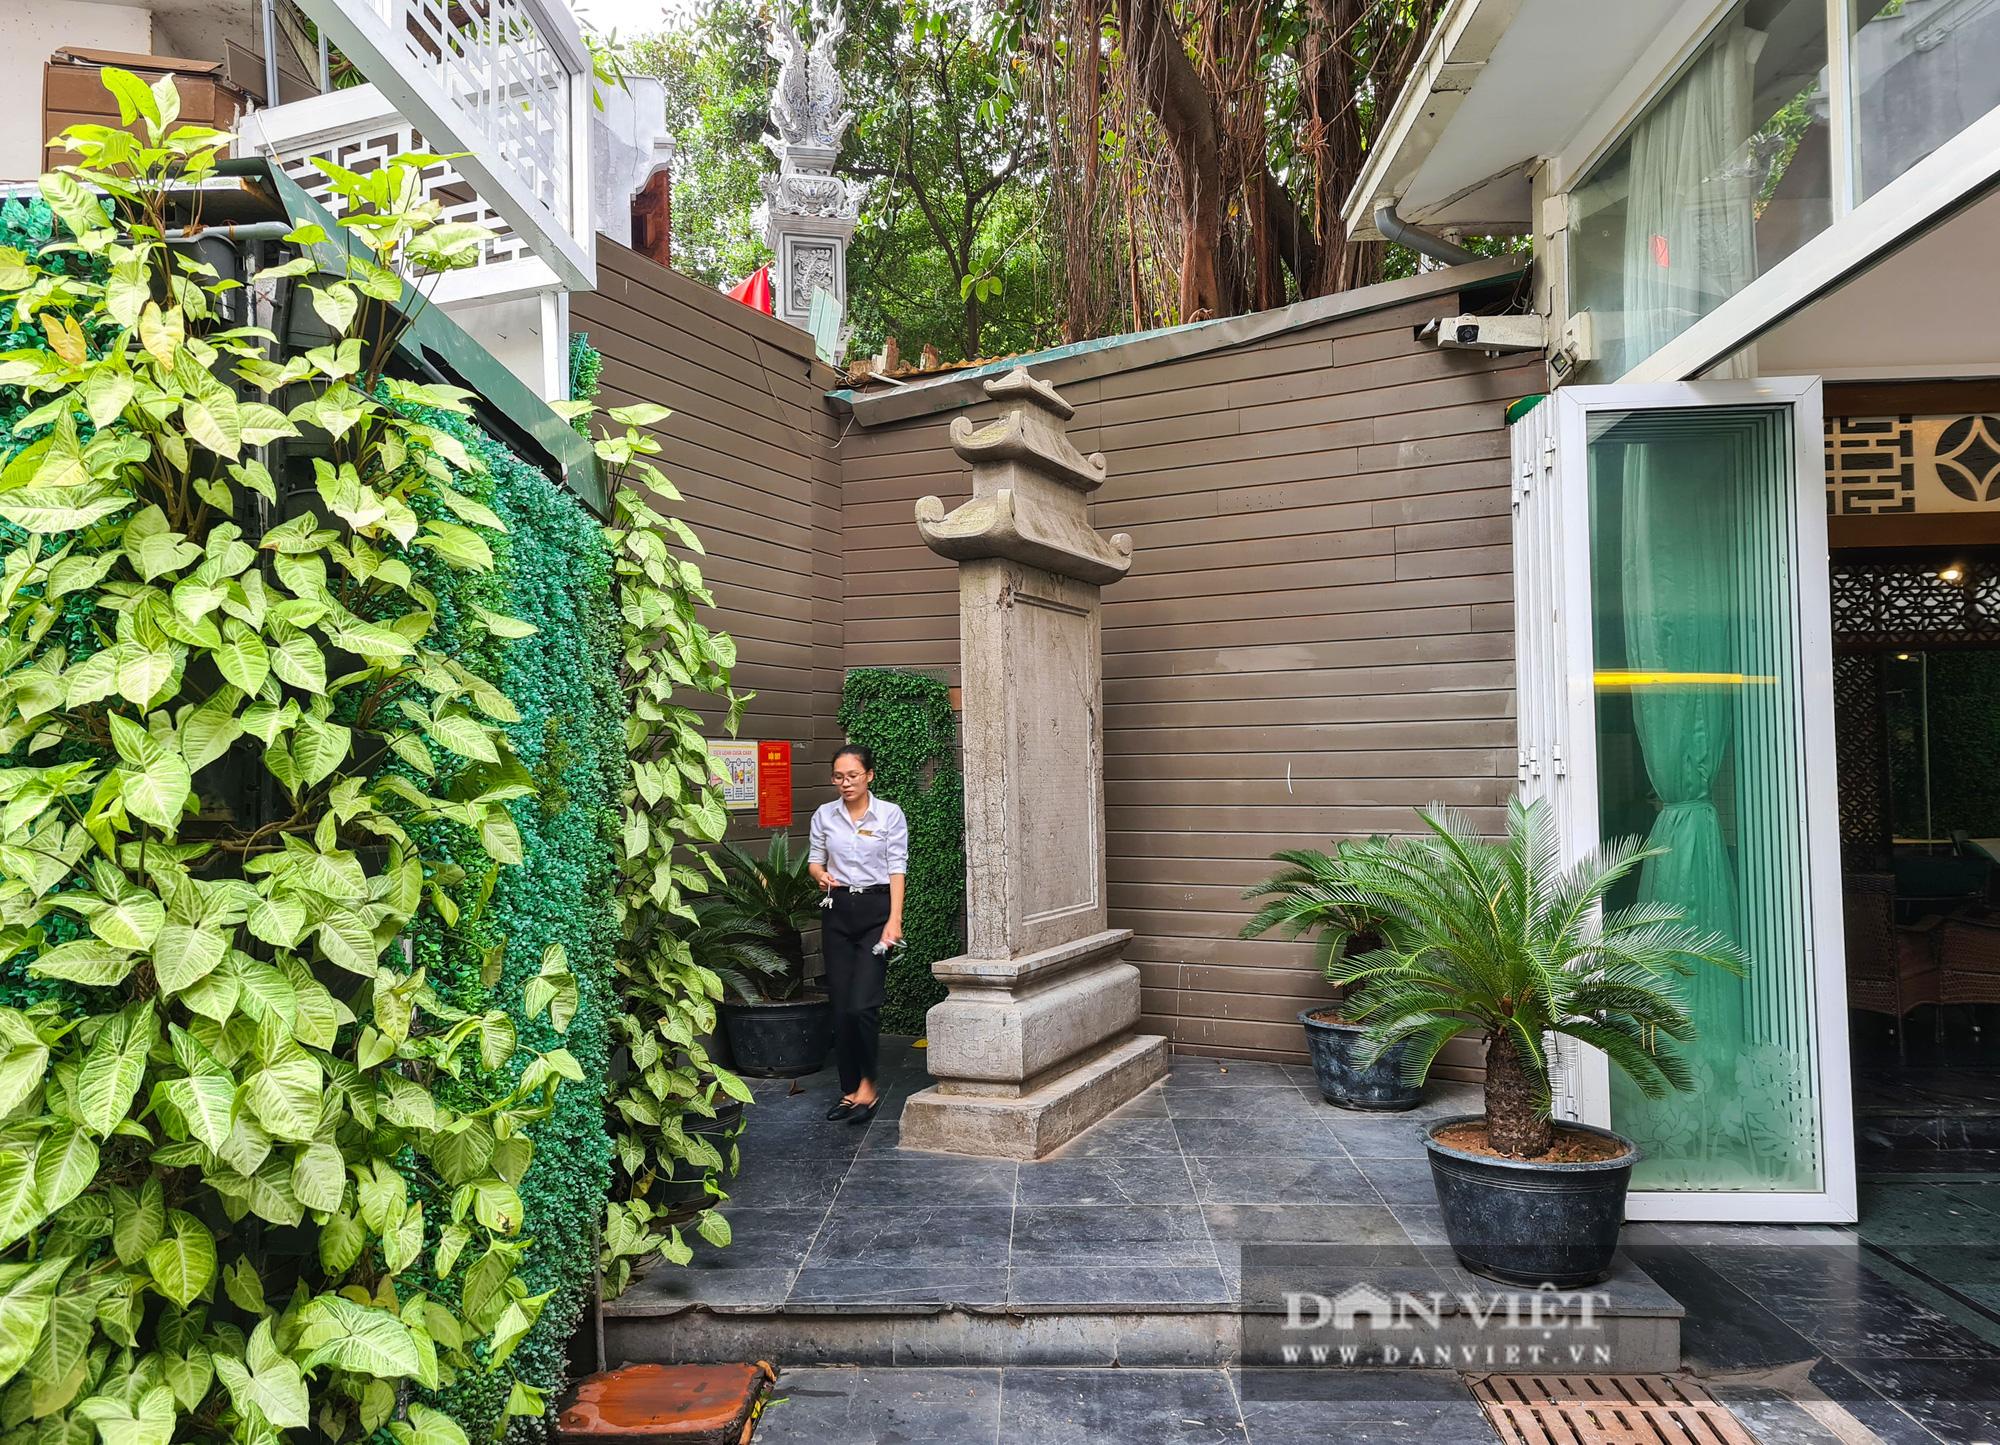 """Văn bia tưởng niệm Đại thi Nguyễn Du bị """"lãng quên"""" trong góc quán cà phê - Ảnh 1."""